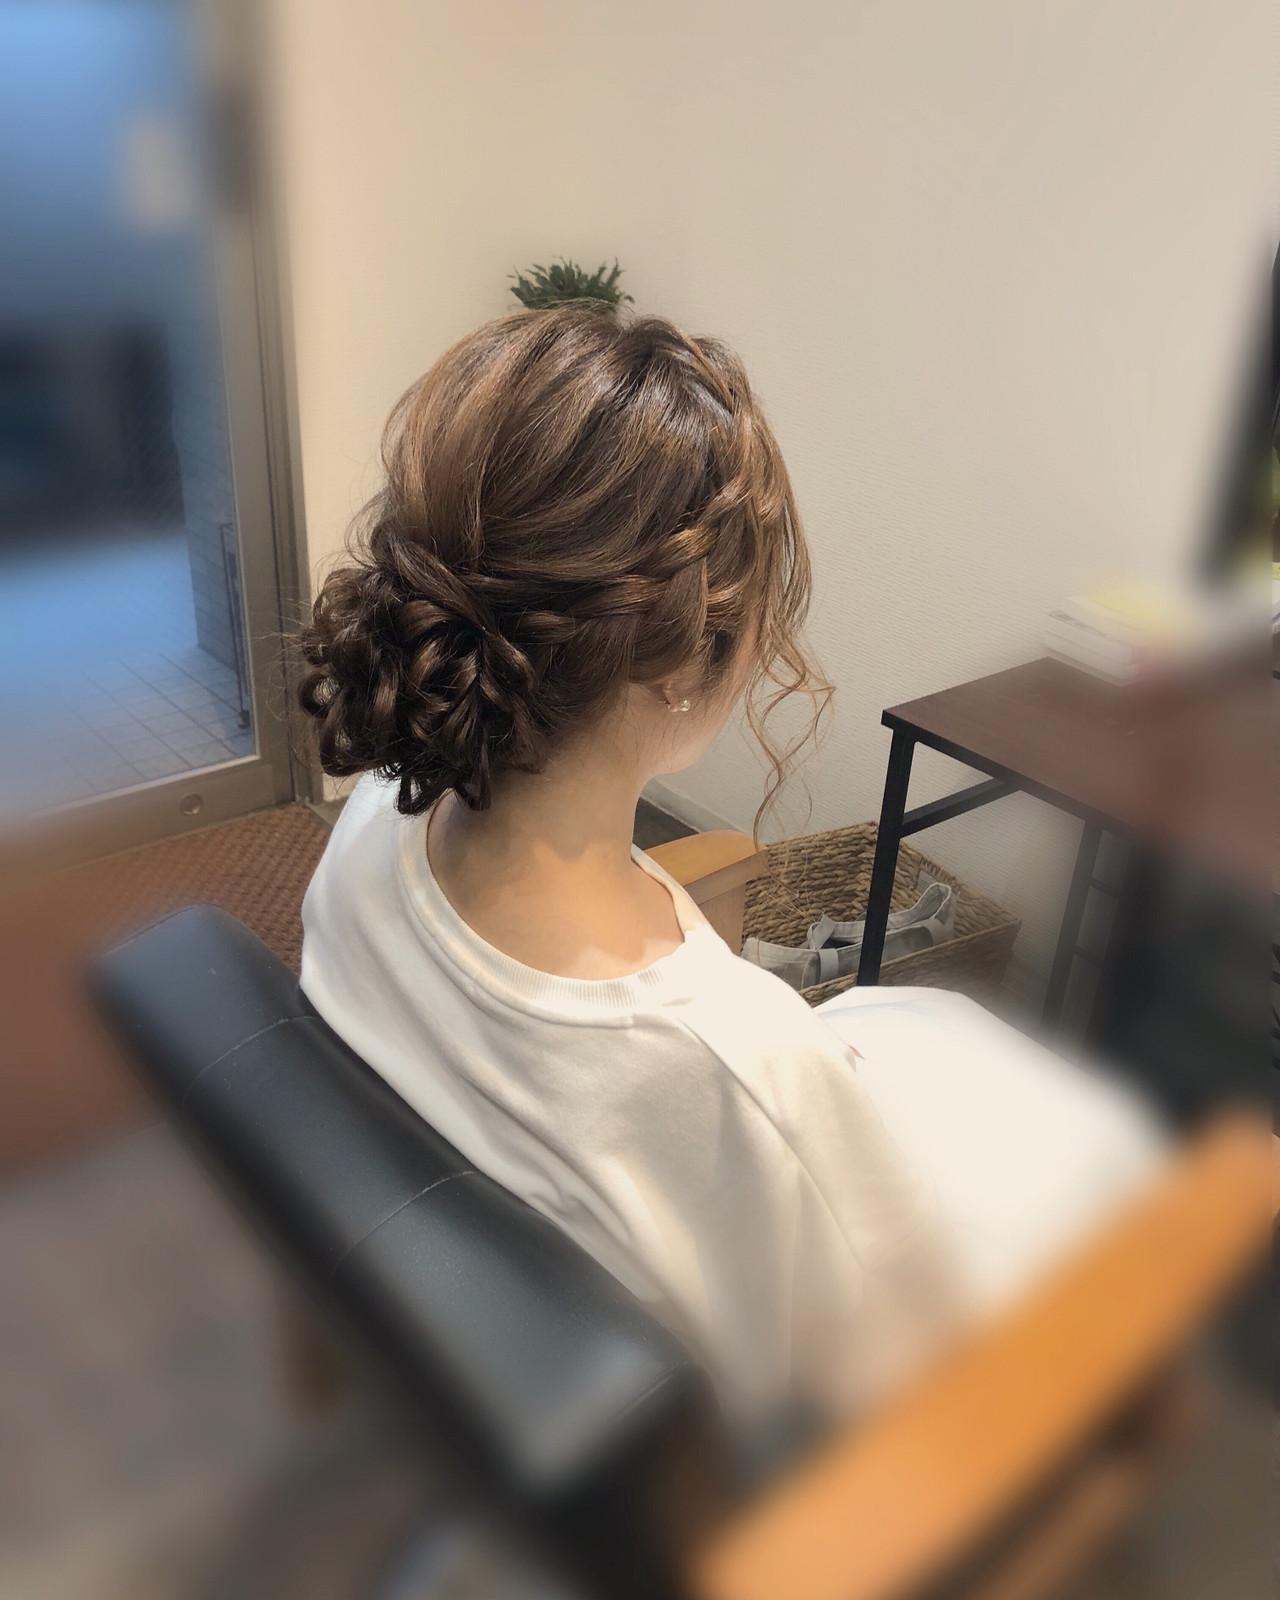 ロング 浴衣ヘア アップスタイル フェミニン ヘアスタイルや髪型の写真・画像